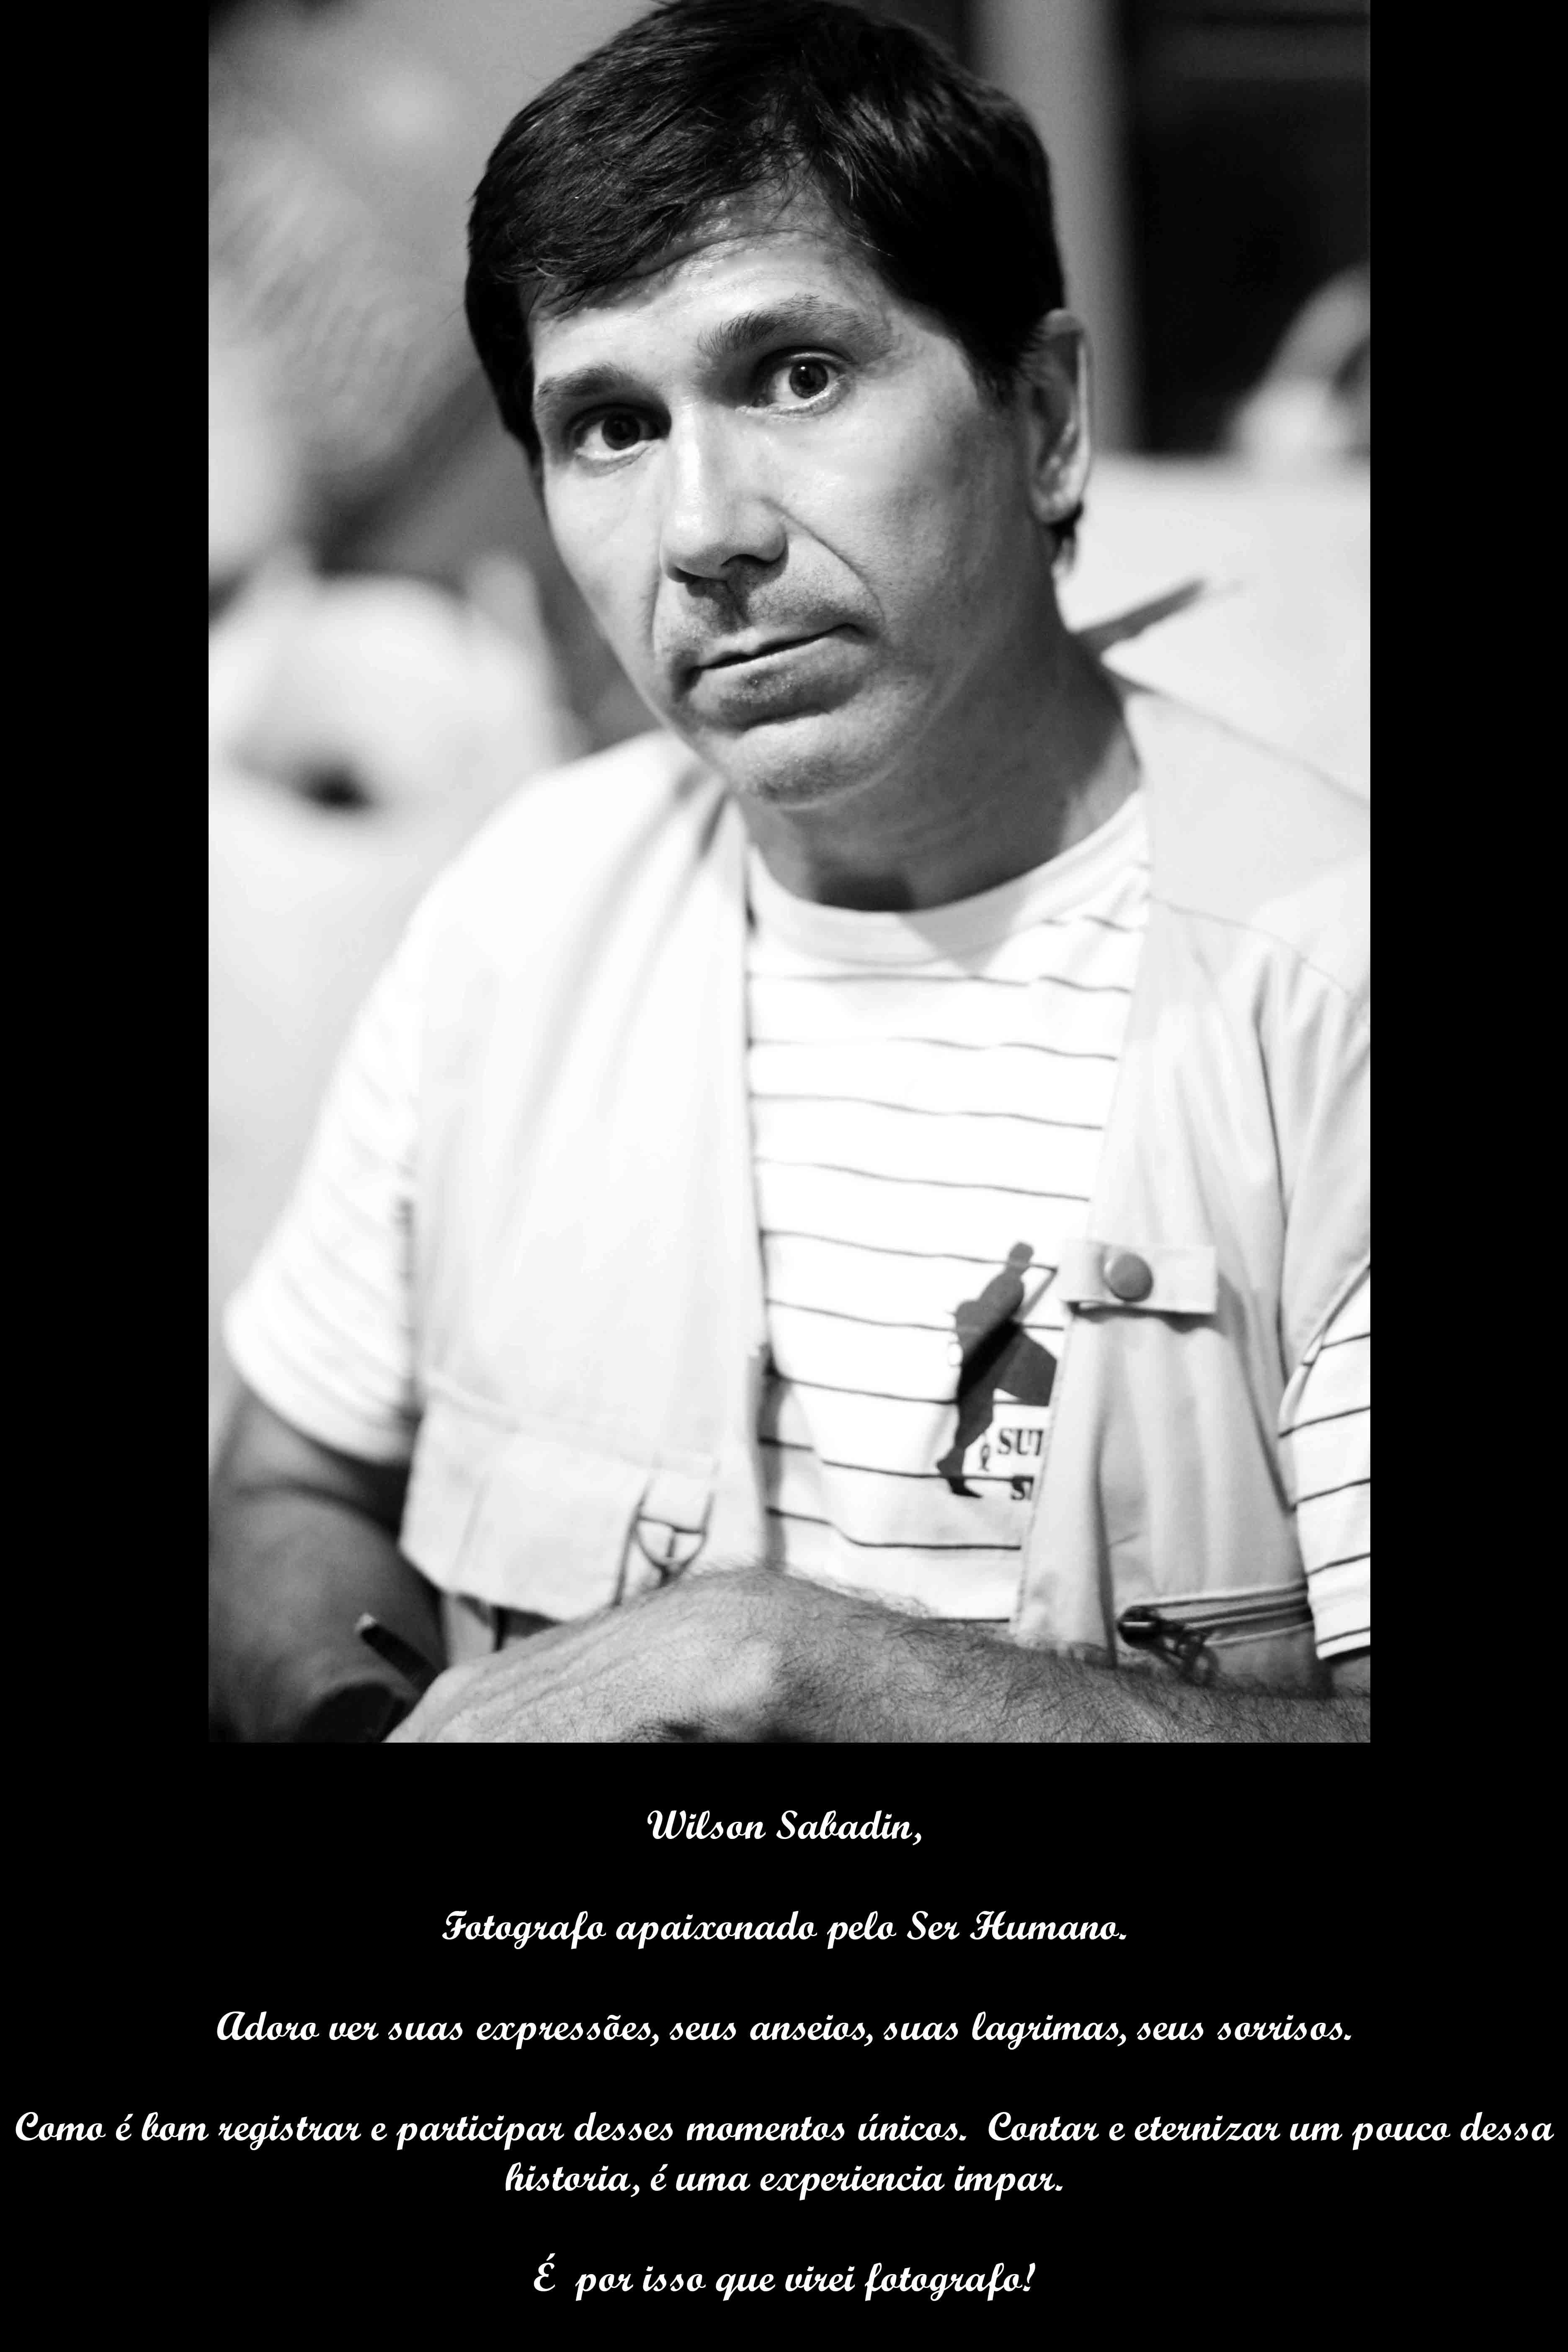 Contate Fotógrafo de casamento Salvador Bahia, especializado em casamentos, ensaio de família, Newborn, 15 anos.